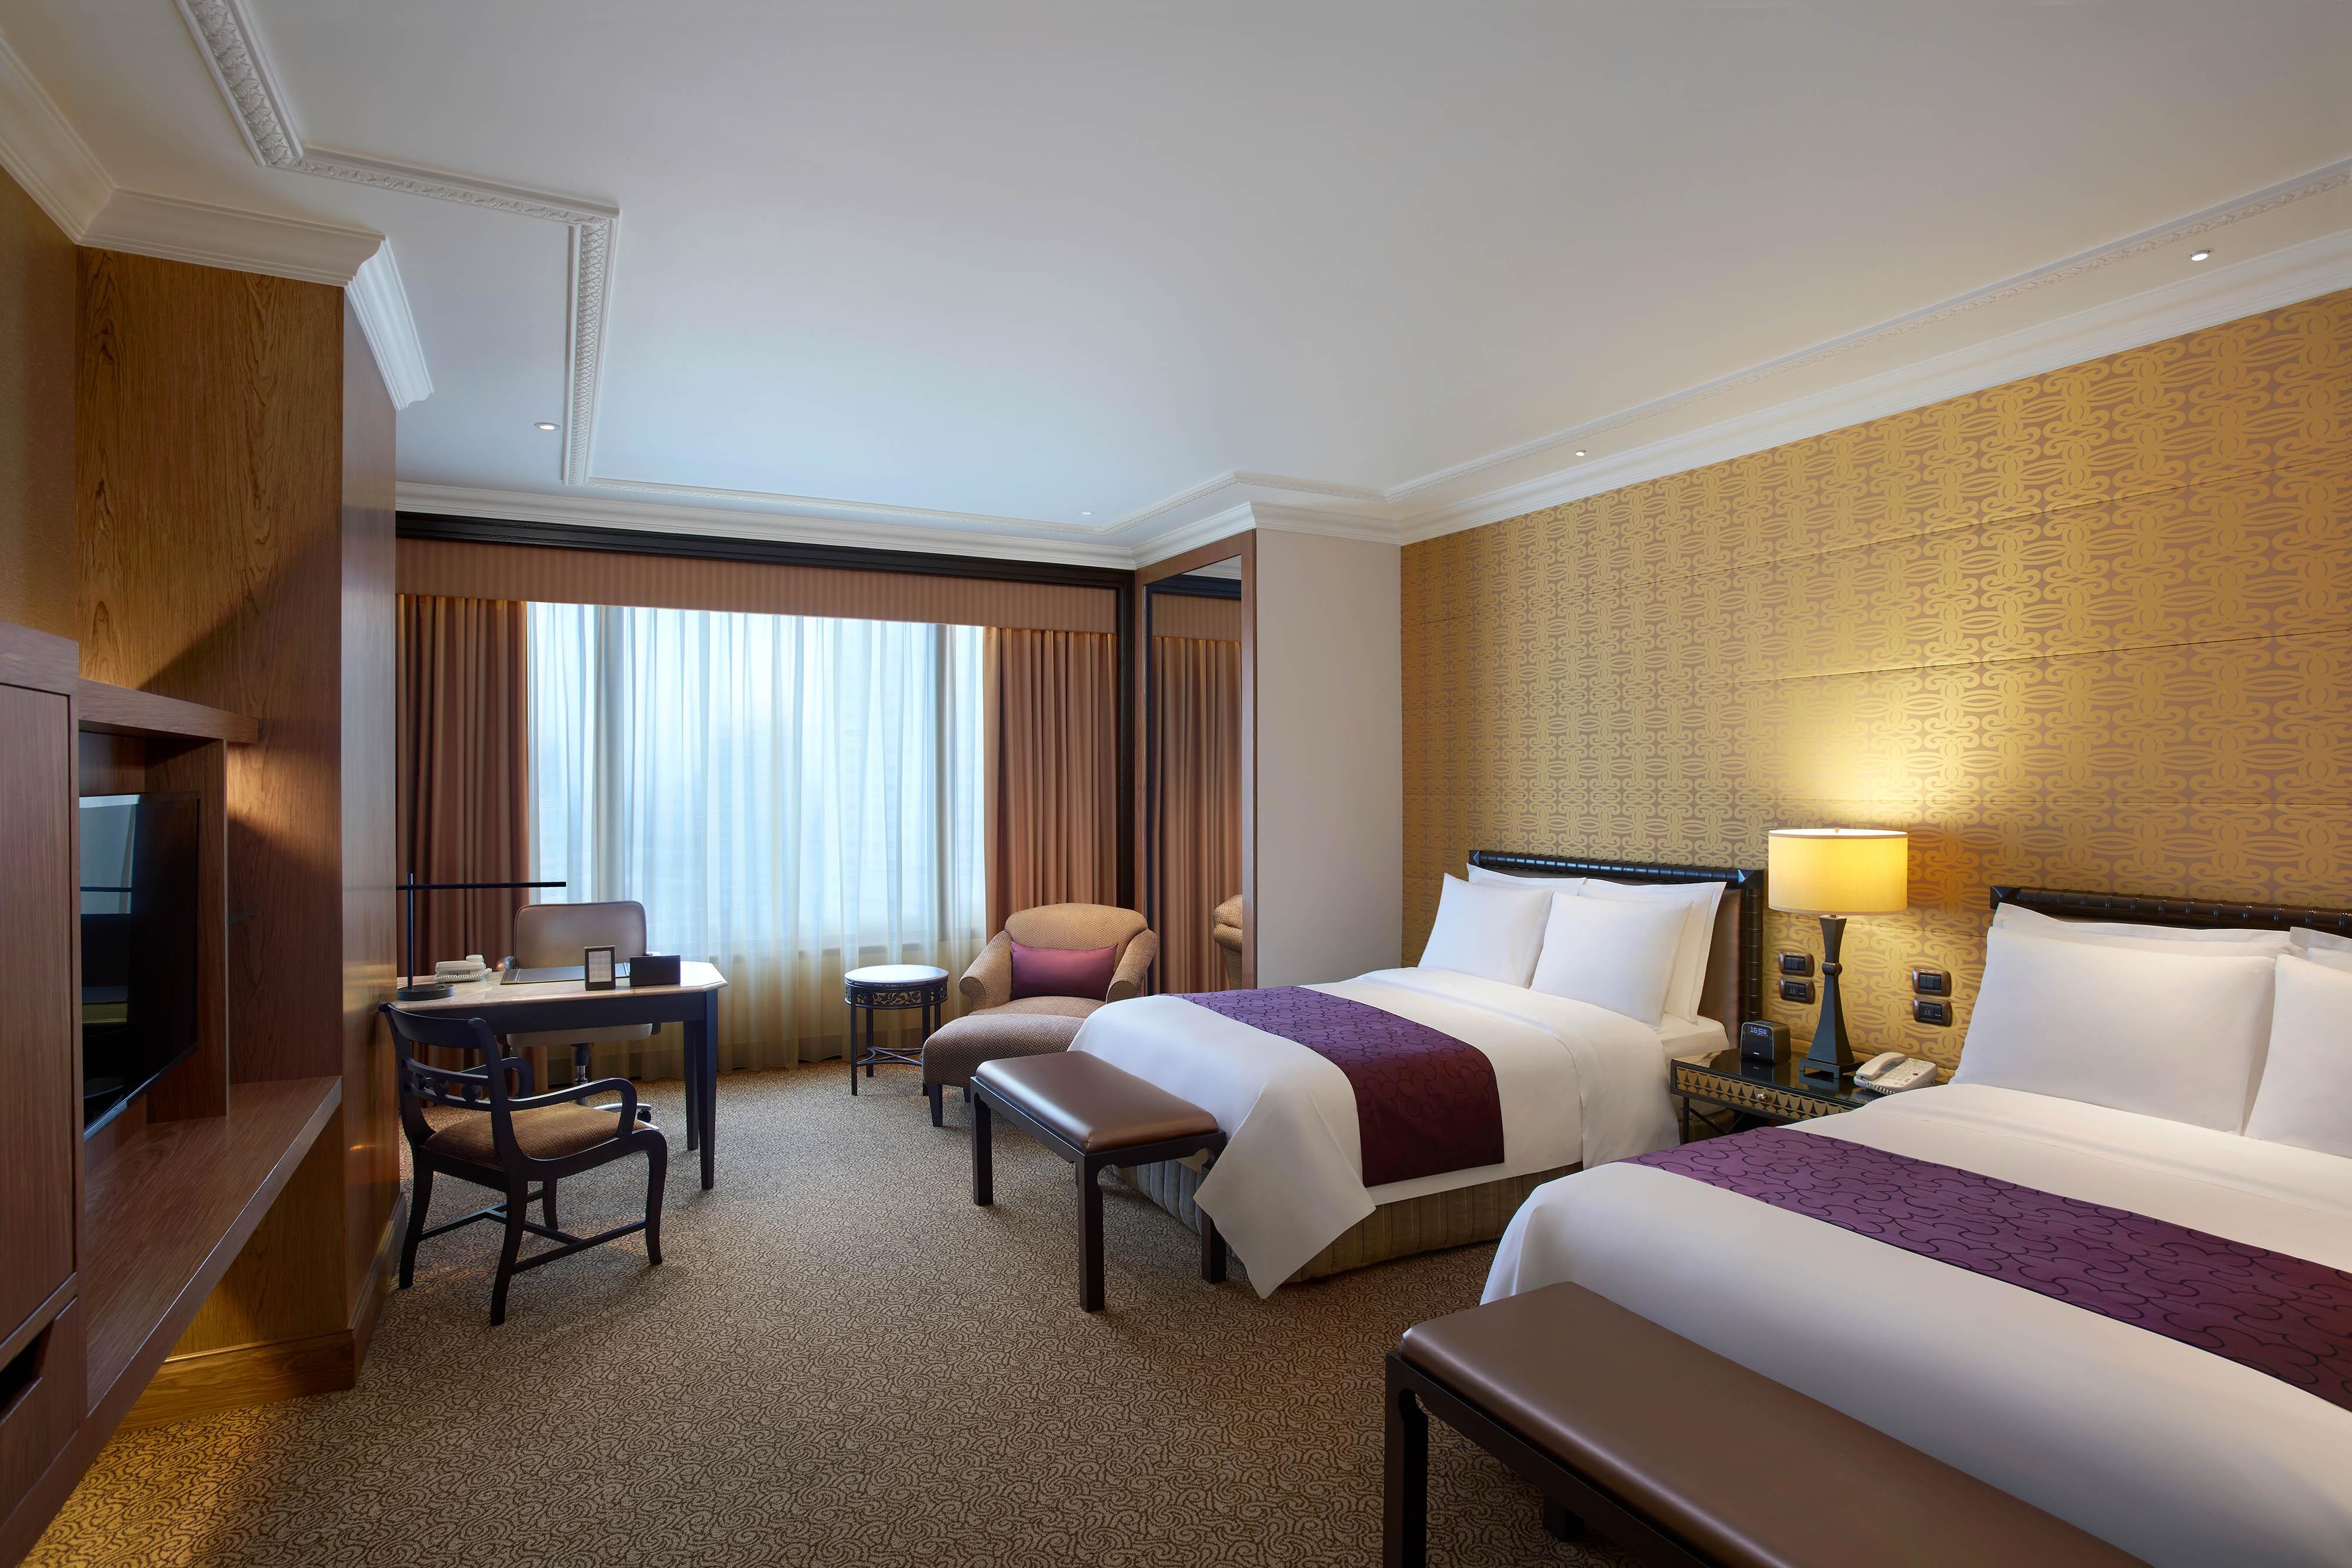 Chambre Grande avec deux lits jumeaux